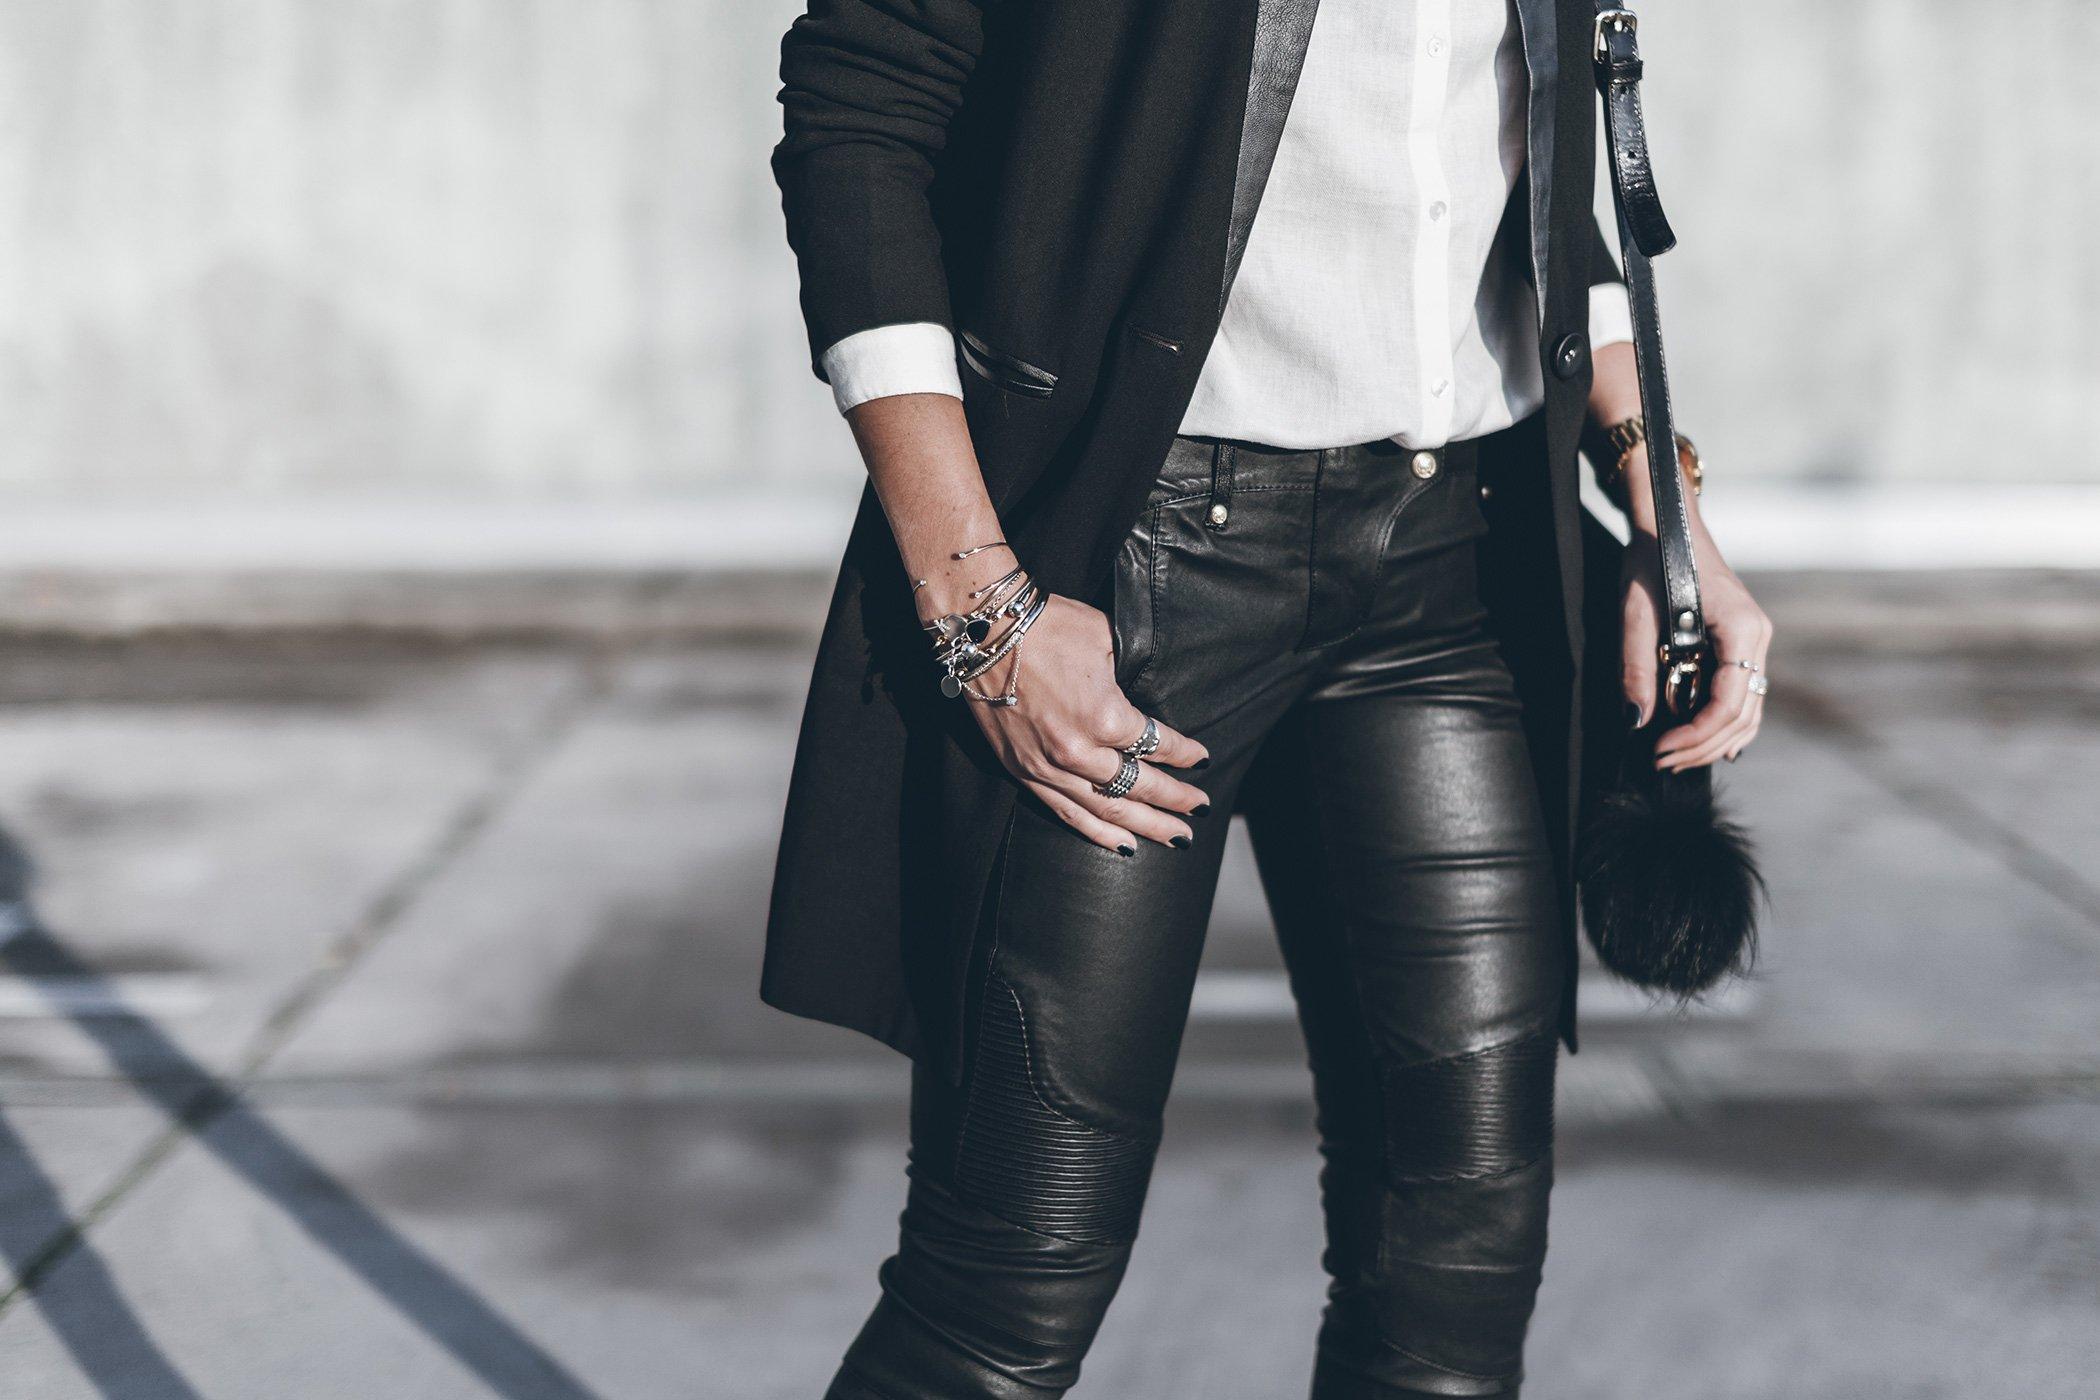 mikuta-vila-coat-and-balmain-pants-5